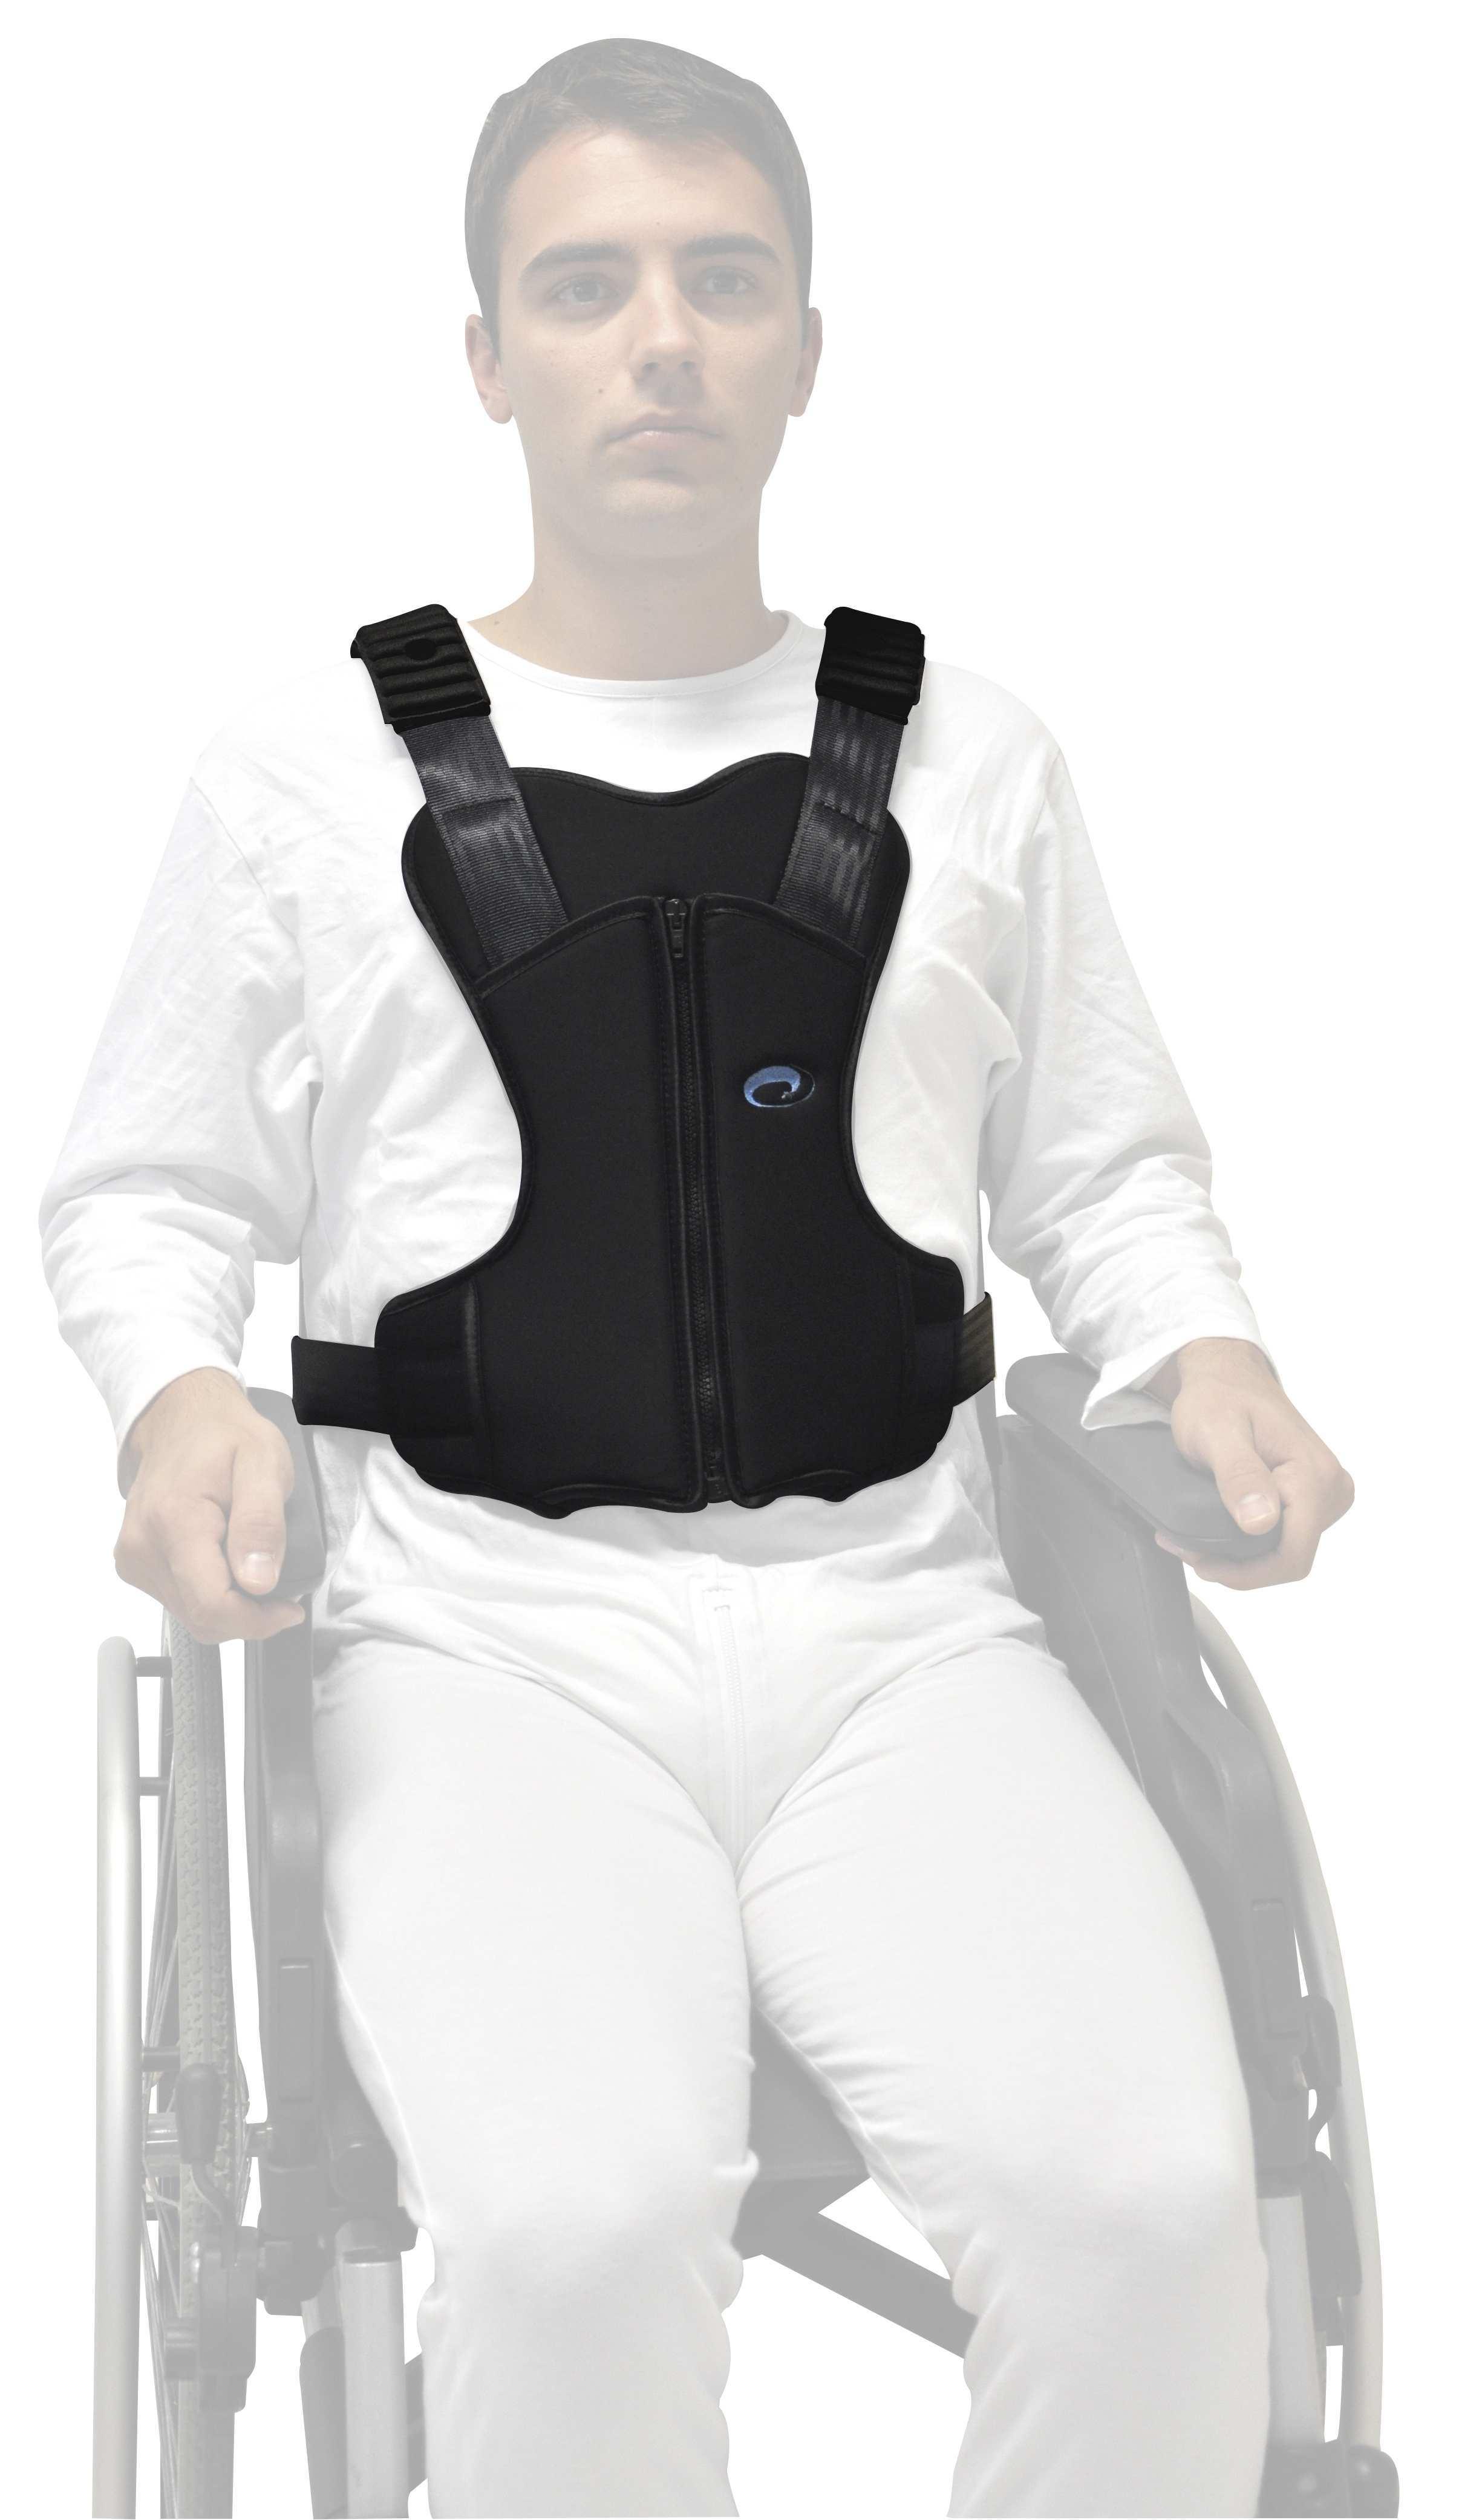 sistema-de-posicionamiento-y-sujecion-jacket-01